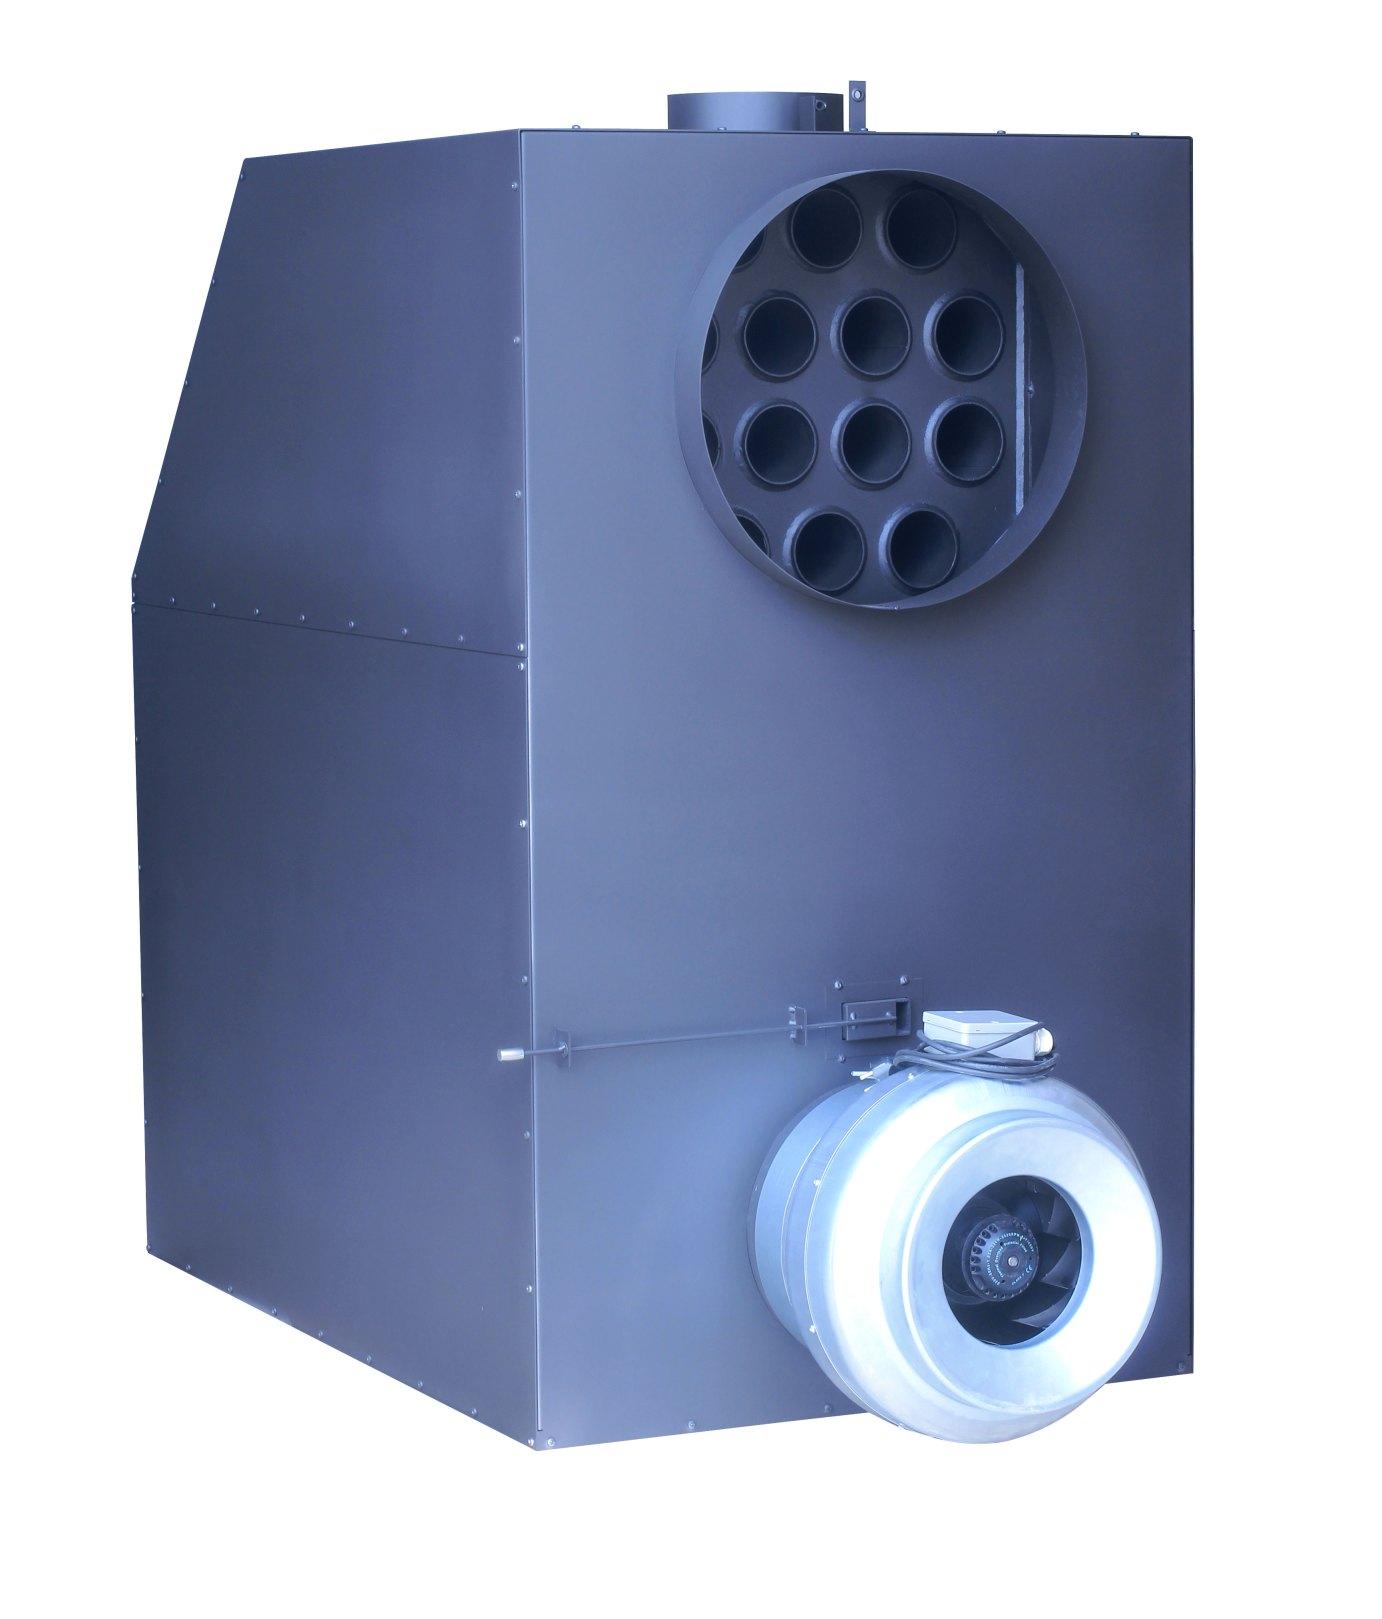 A+ Warmluftofen Hallenheizung Turbo 50 kW mit Ventilator, kanalisierbar